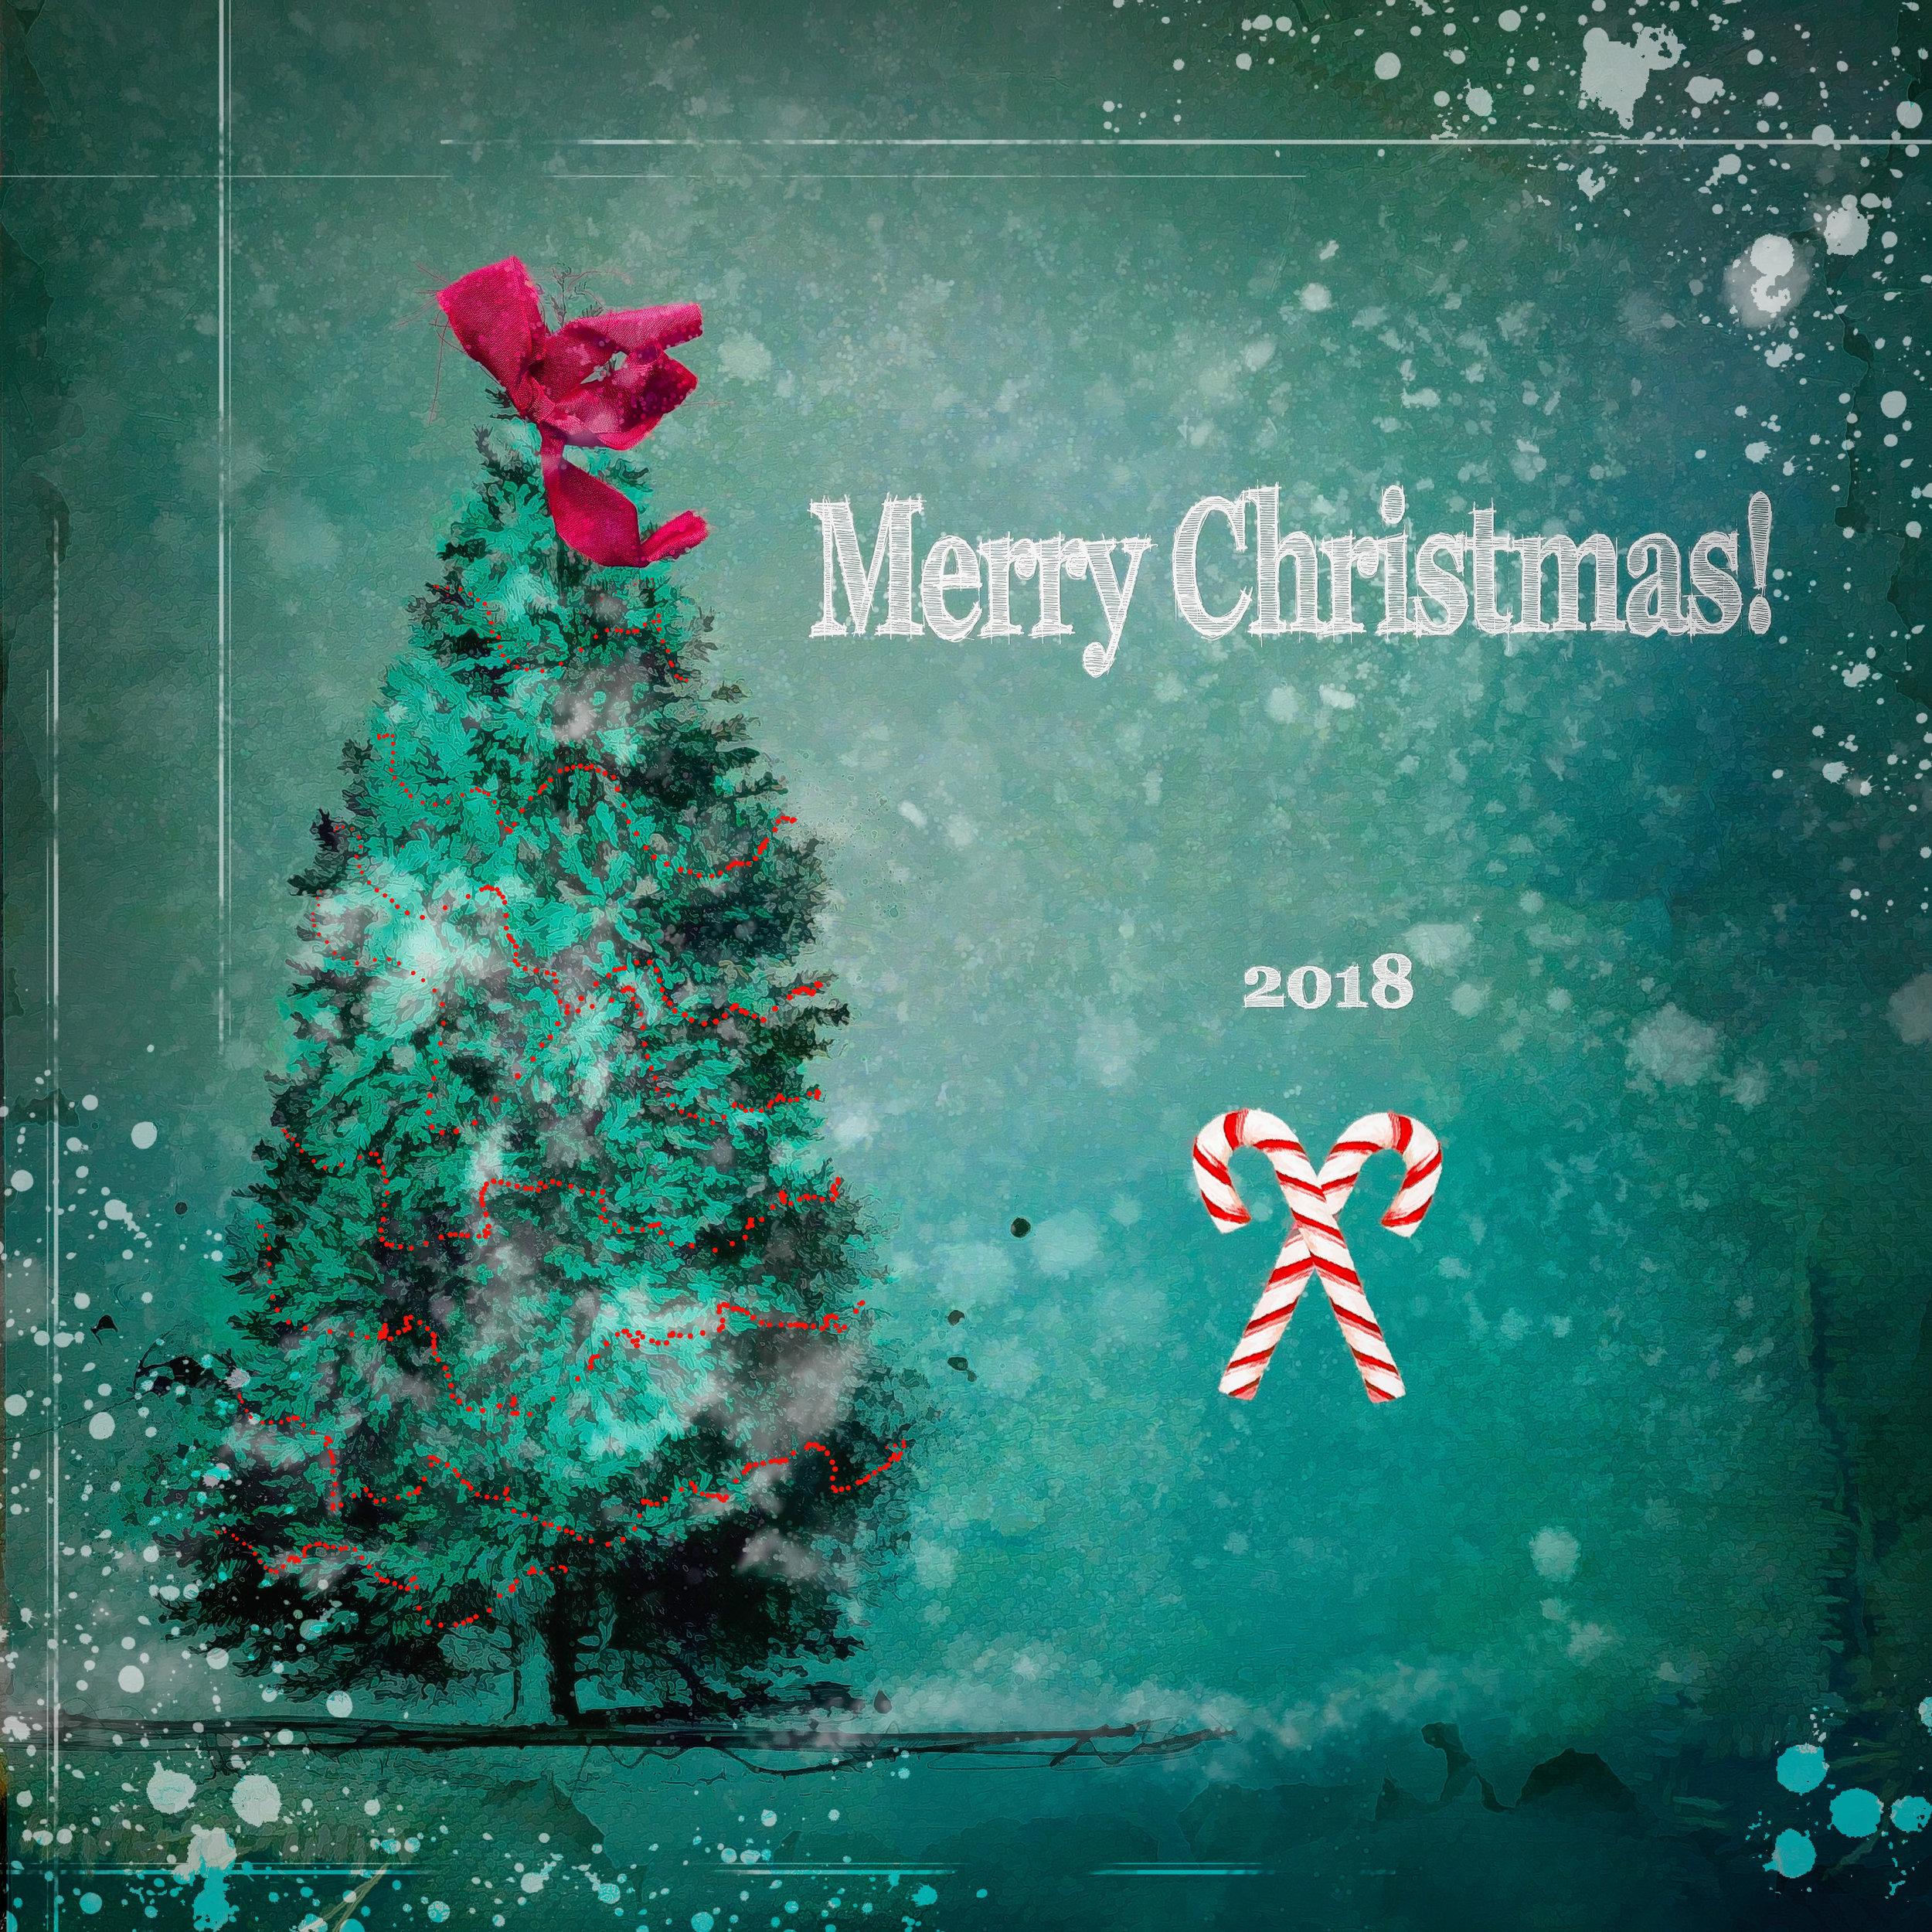 Christmas card 2018.jpg